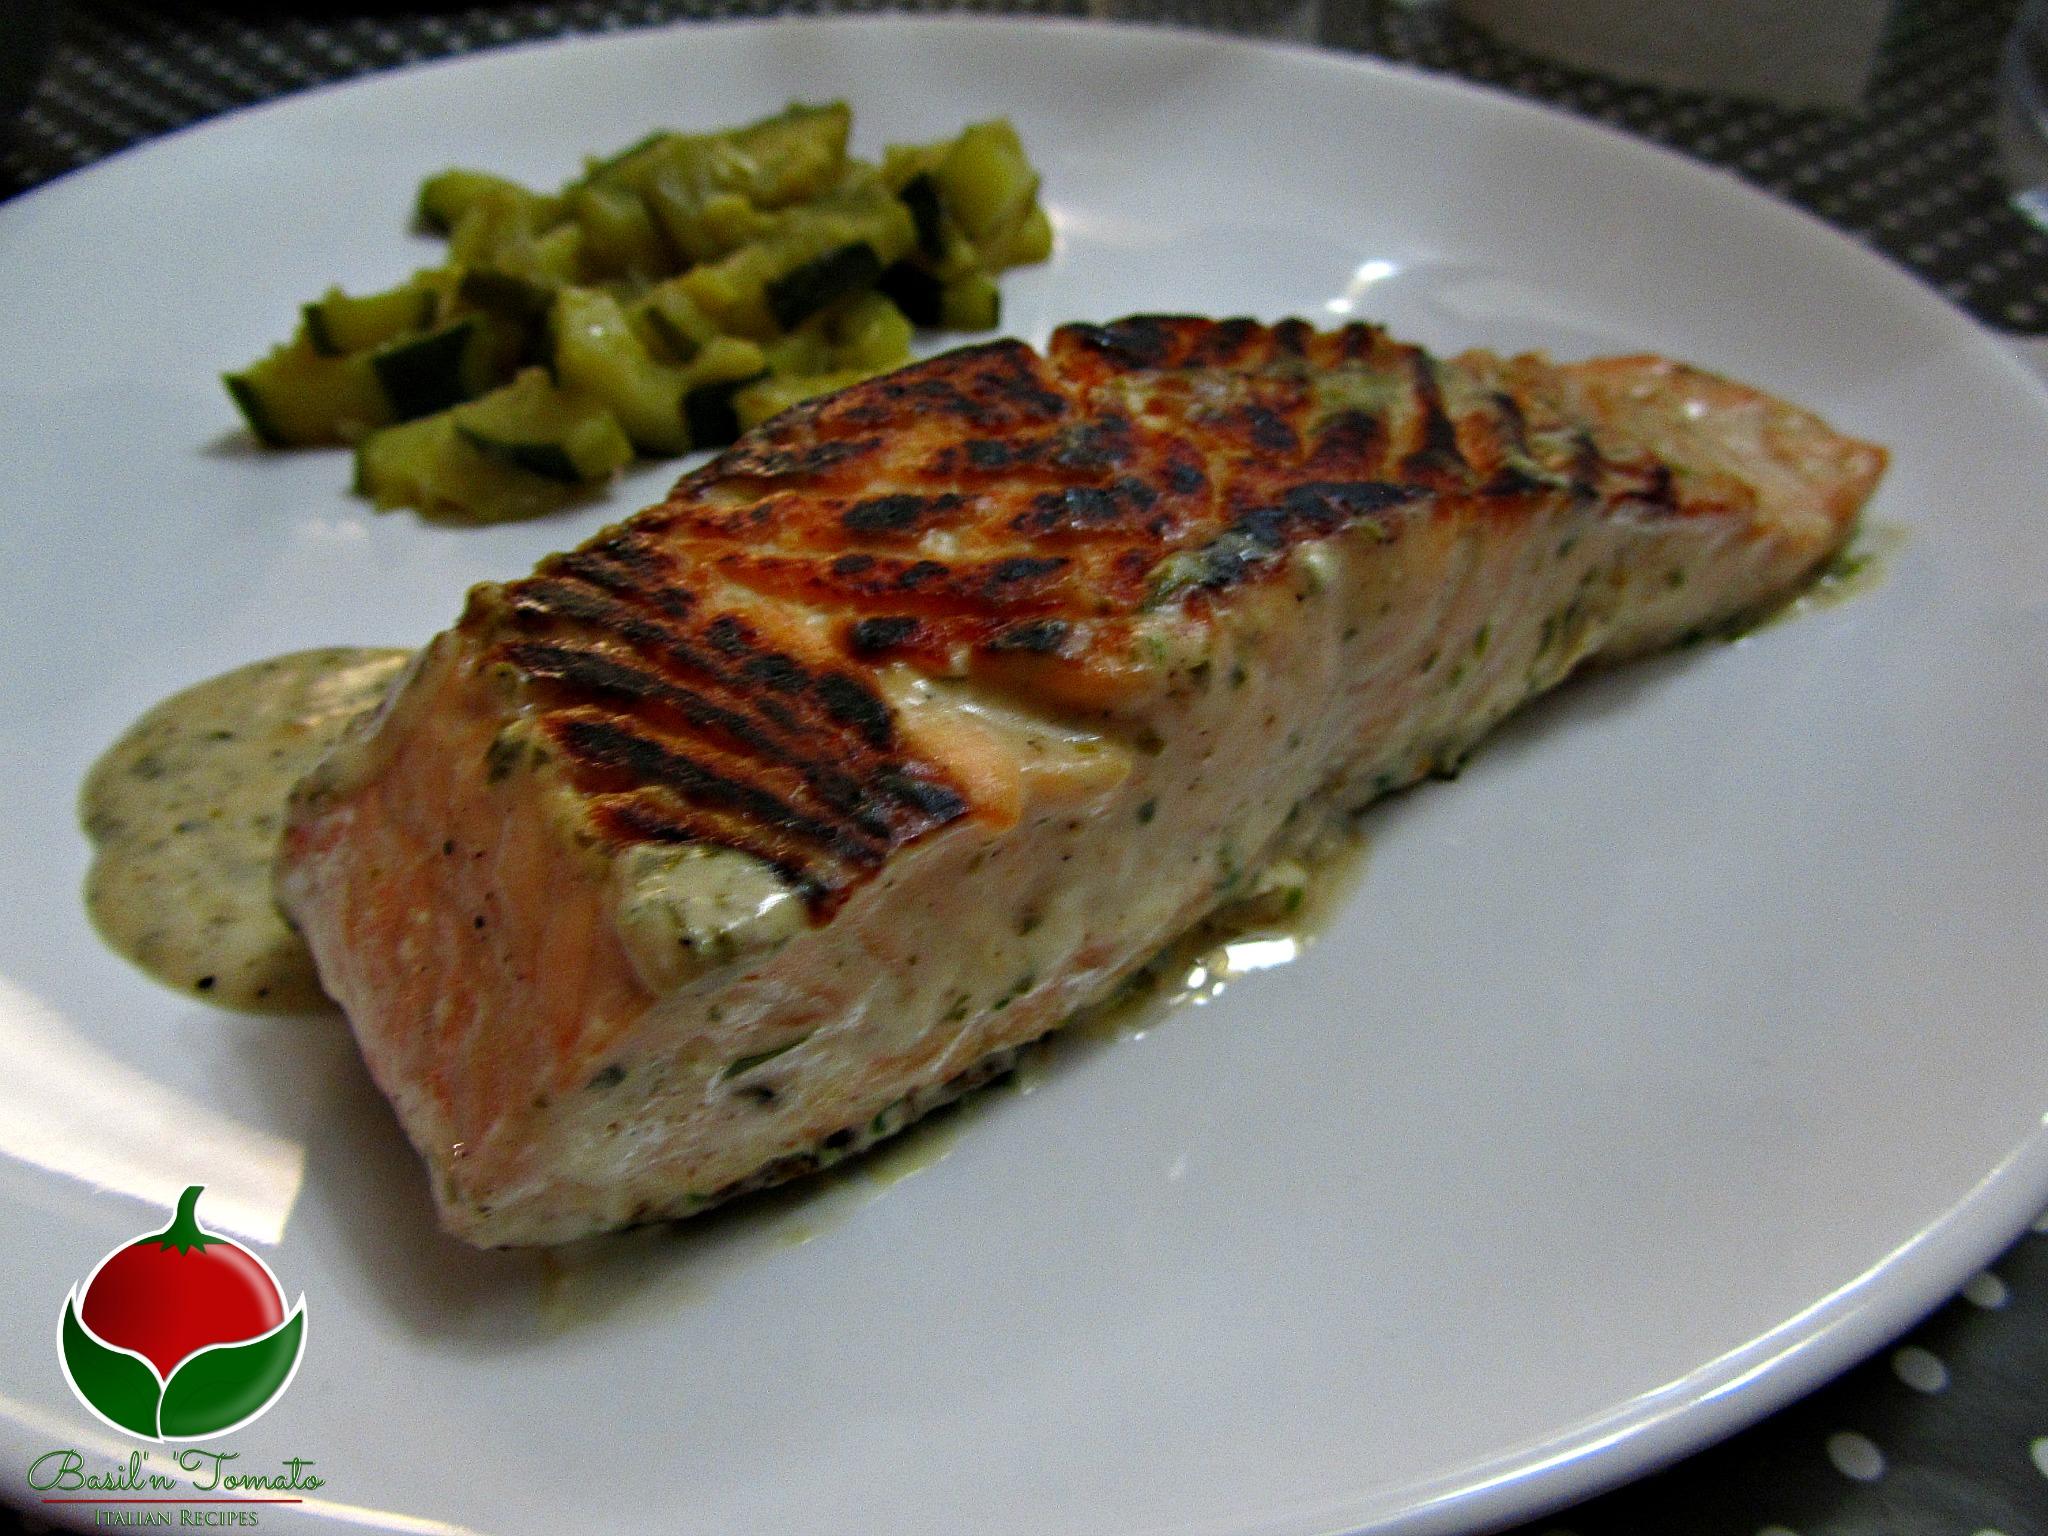 Idee secondi piatti natale 2016 raccolta ricette basil tomato - Cucinare tonno fresco in padella ...